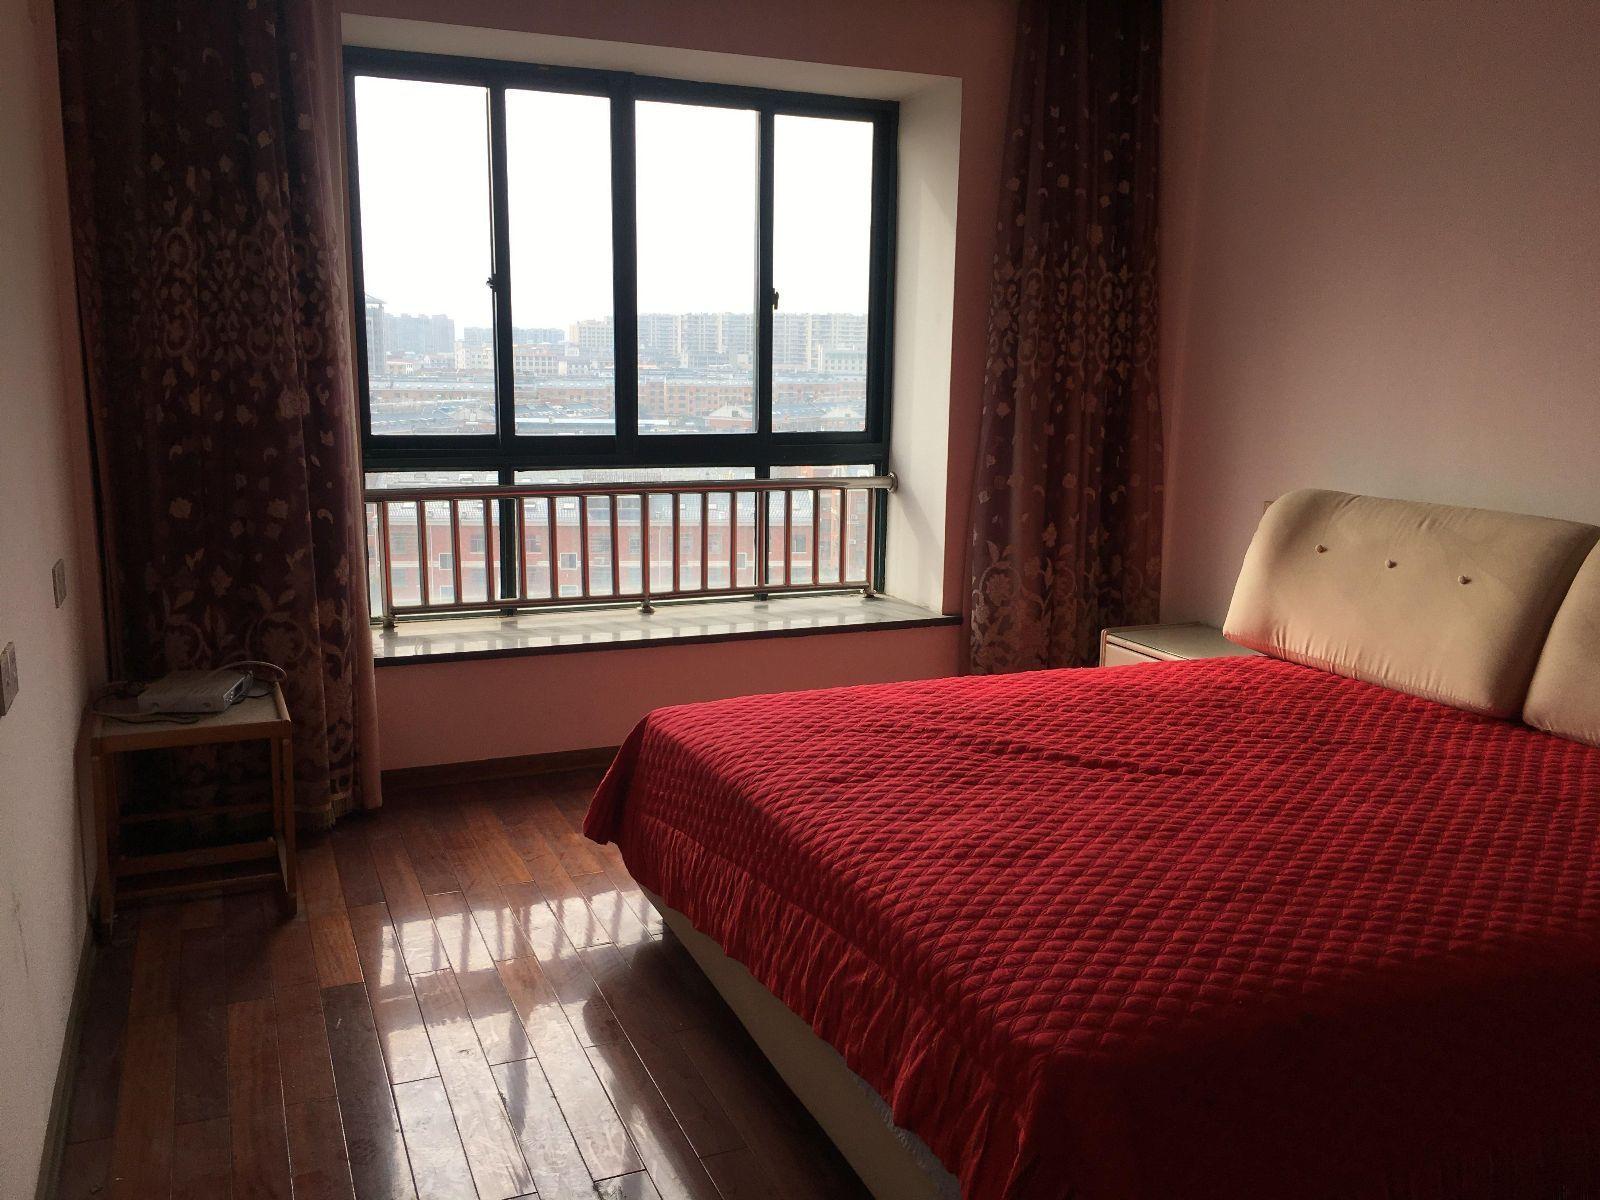 北苑丹溪三区芳草园高楼层 3室2厅2卫 151.5平米 视野